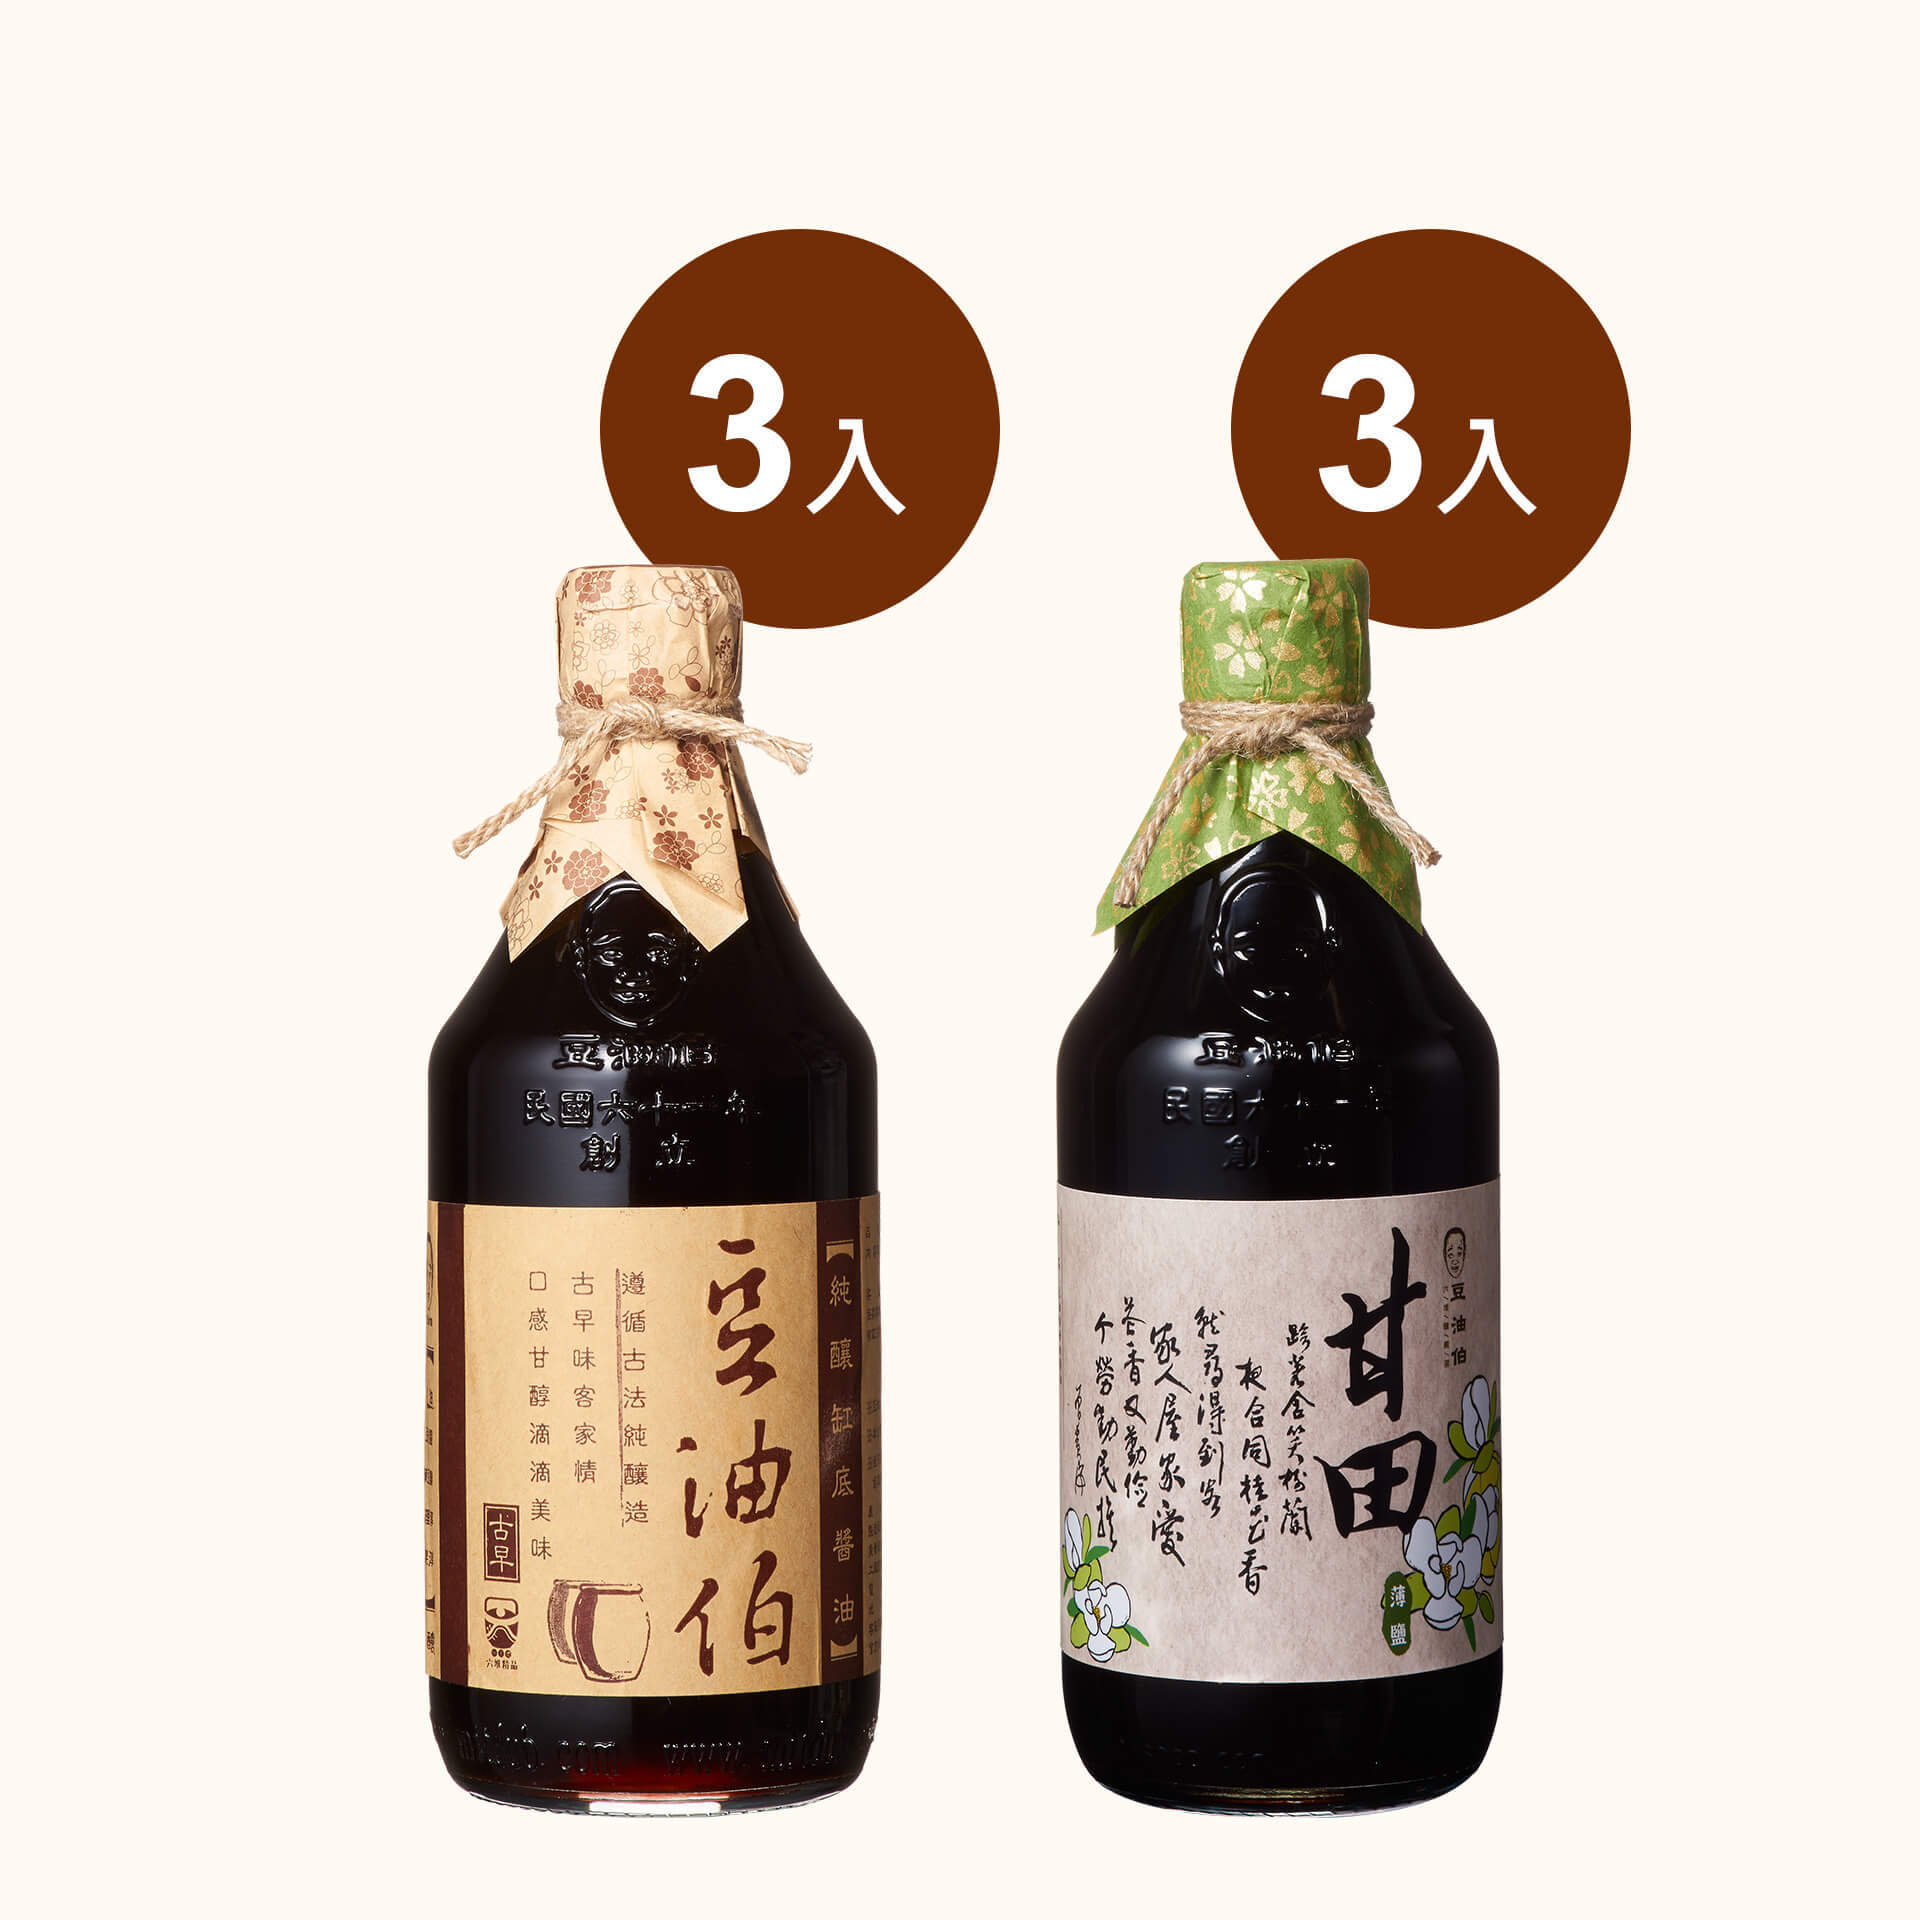 缸底醬油3入+甘田醬油3入(共6入)